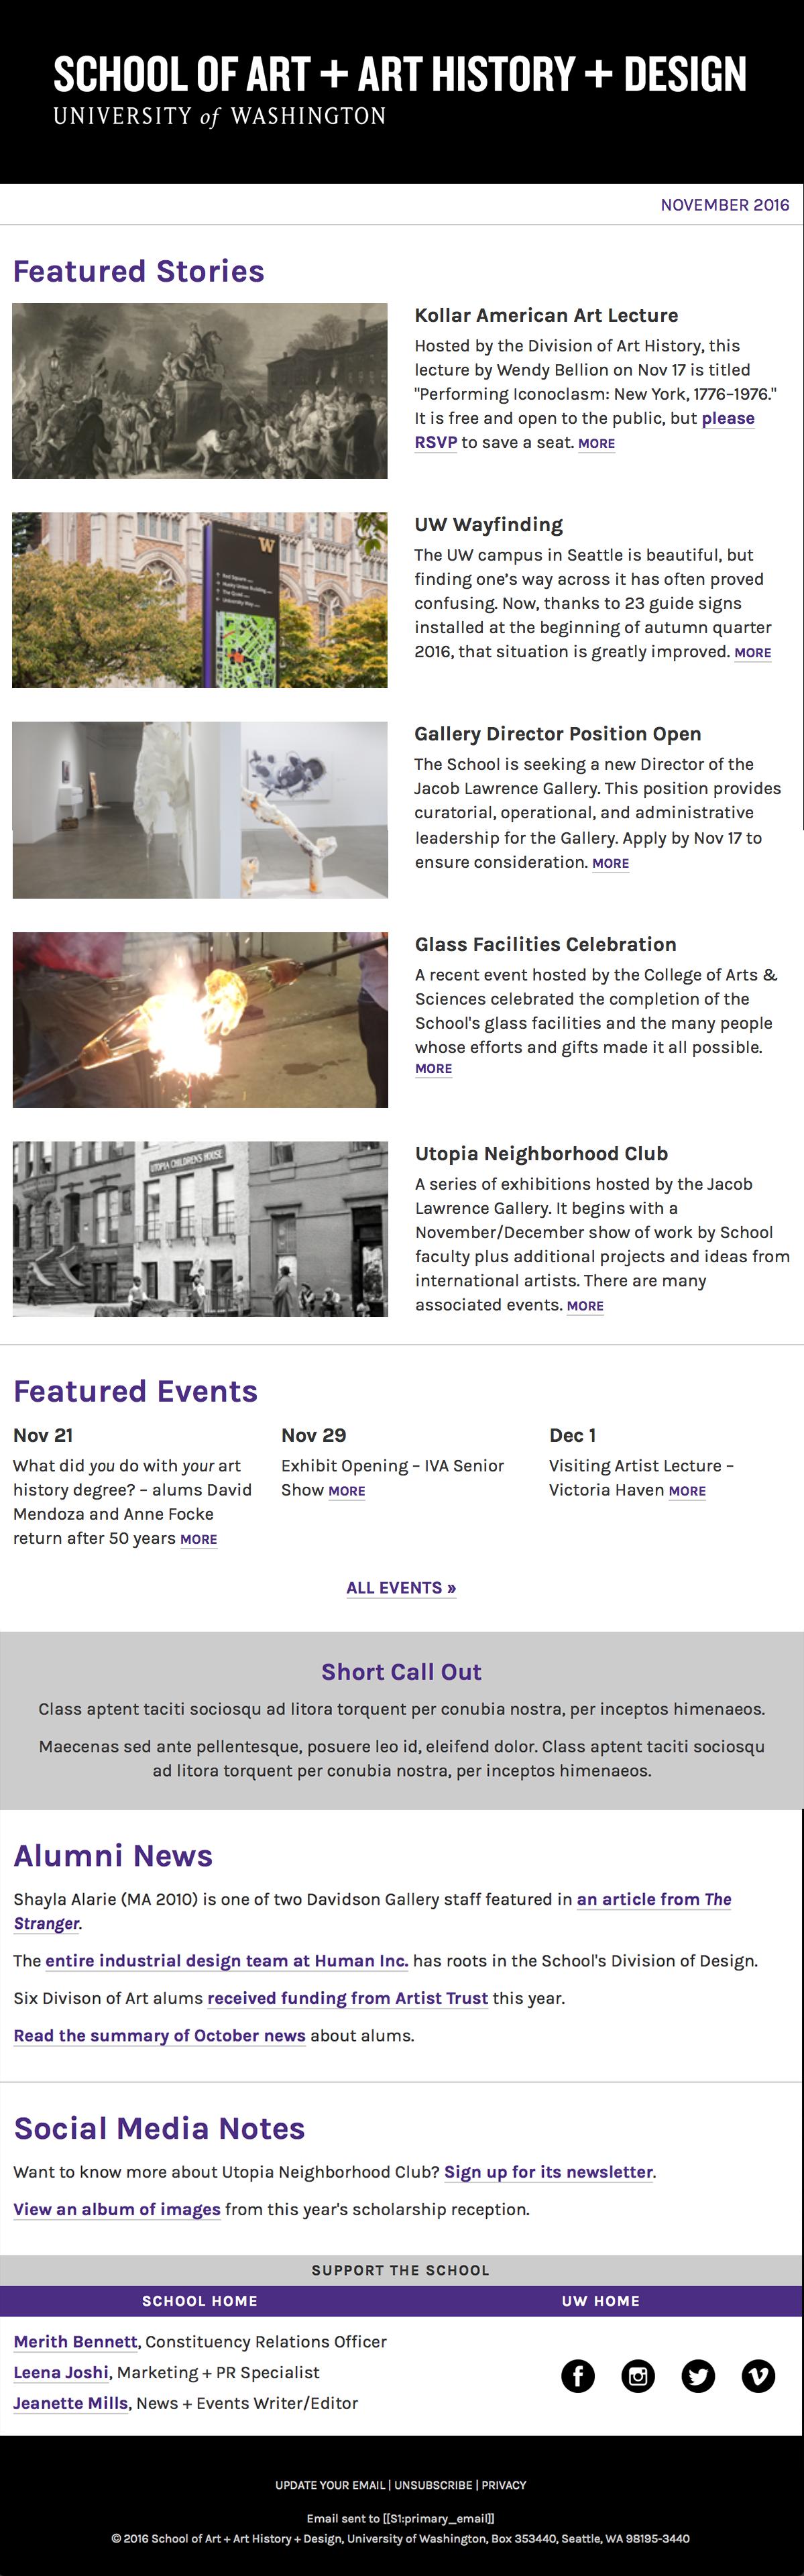 UW School of Art + Art History + Design Email Template